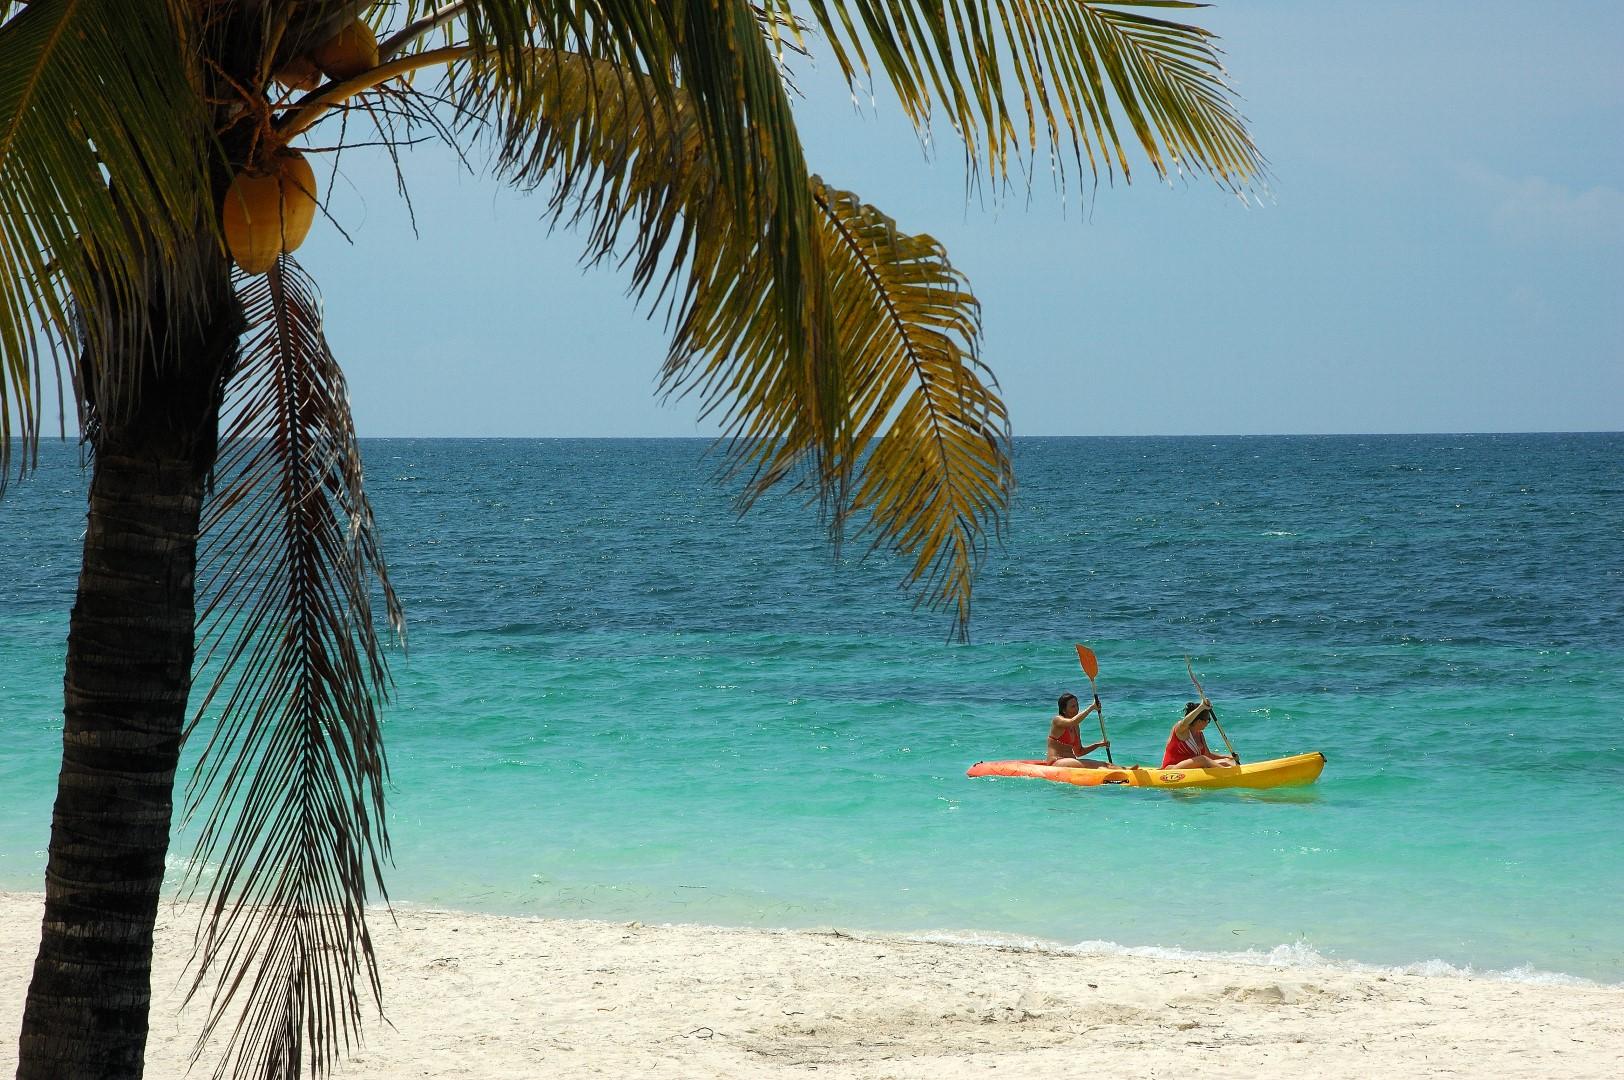 Kayaking at Cuba Levisa, Cuba